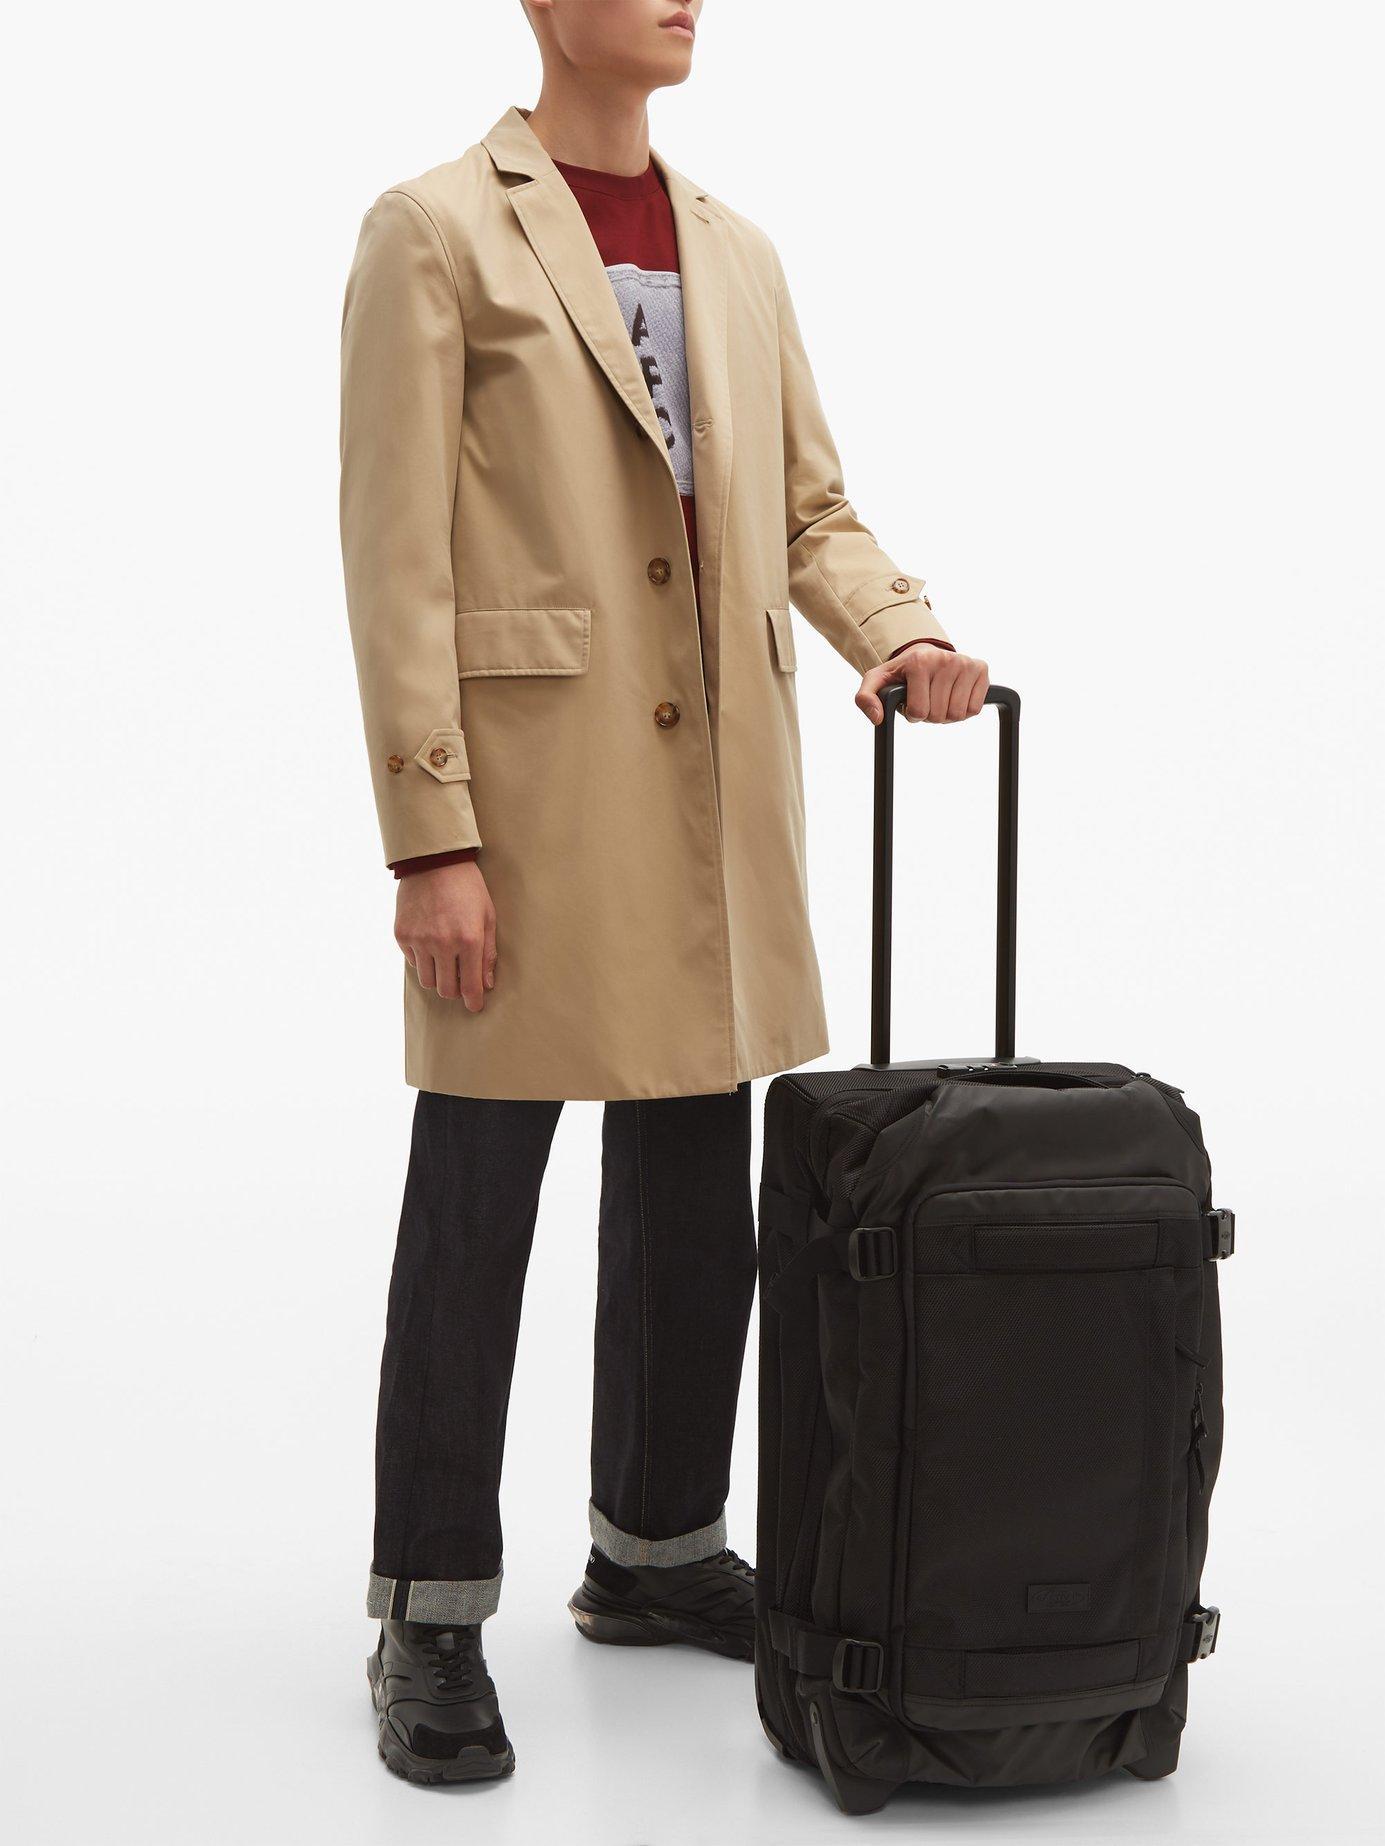 9072bbada Eastpak Tranverz Cnnct M Suitcase in Black for Men - Lyst